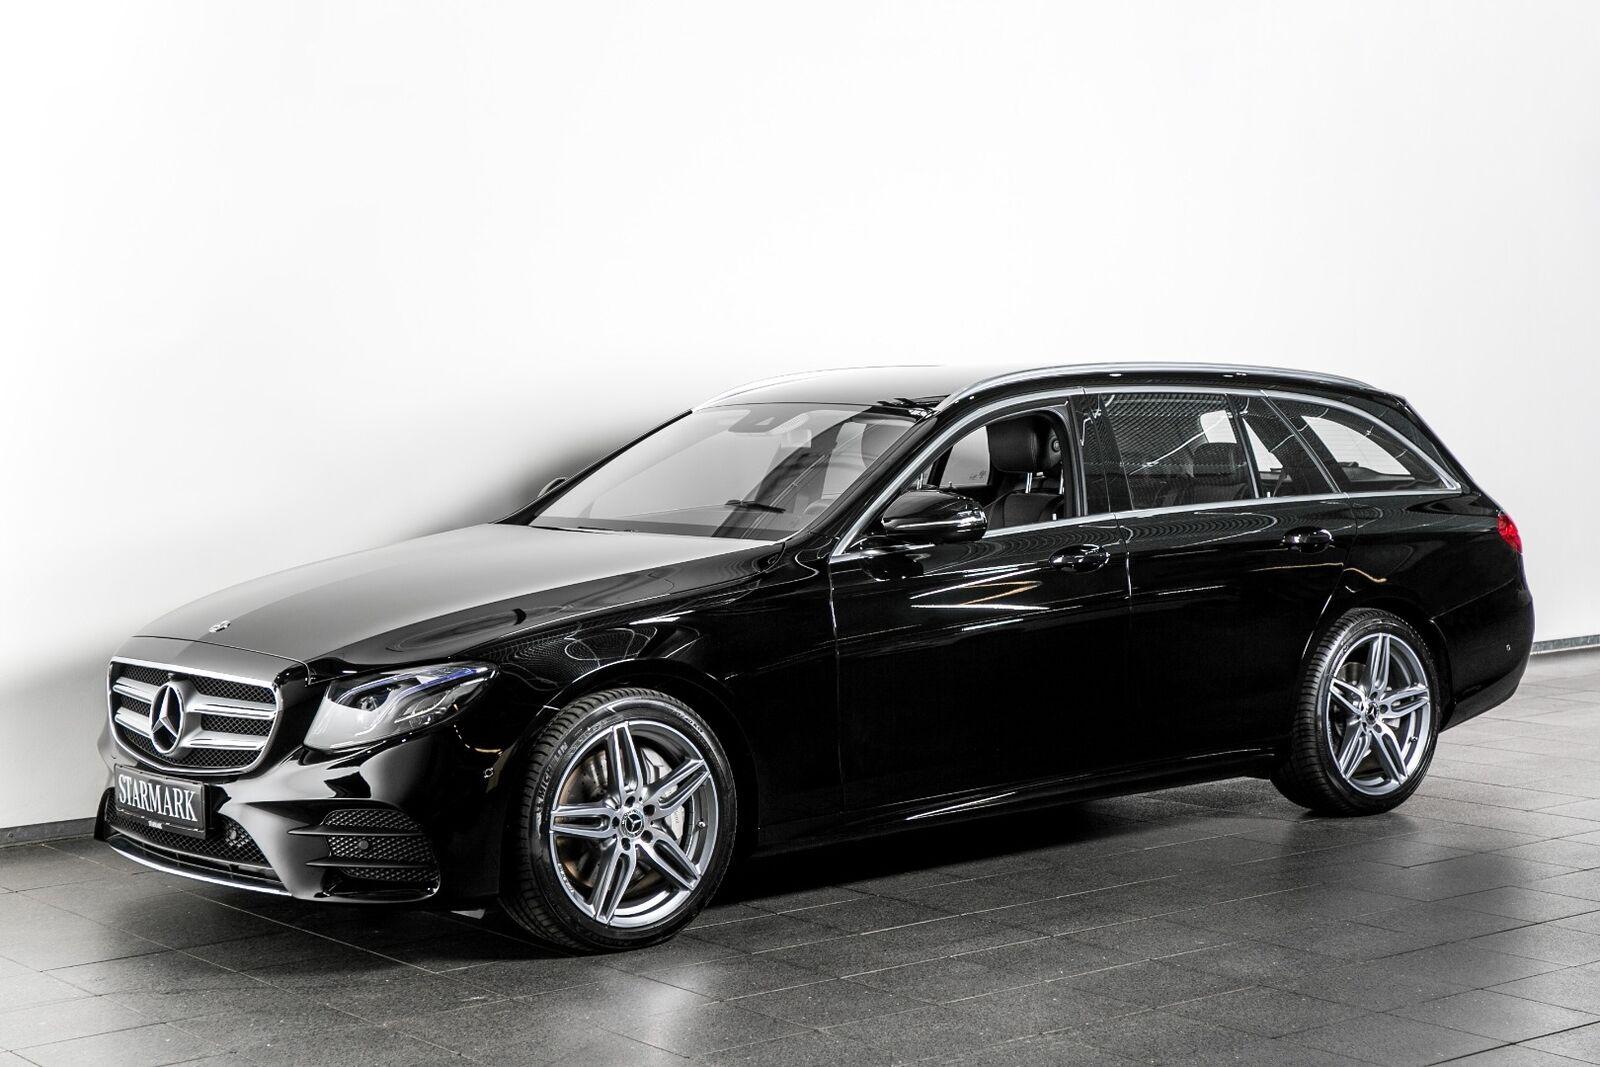 Mercedes E350 d 2,9 AMG Line stc. aut. 5d - 659.900 kr.